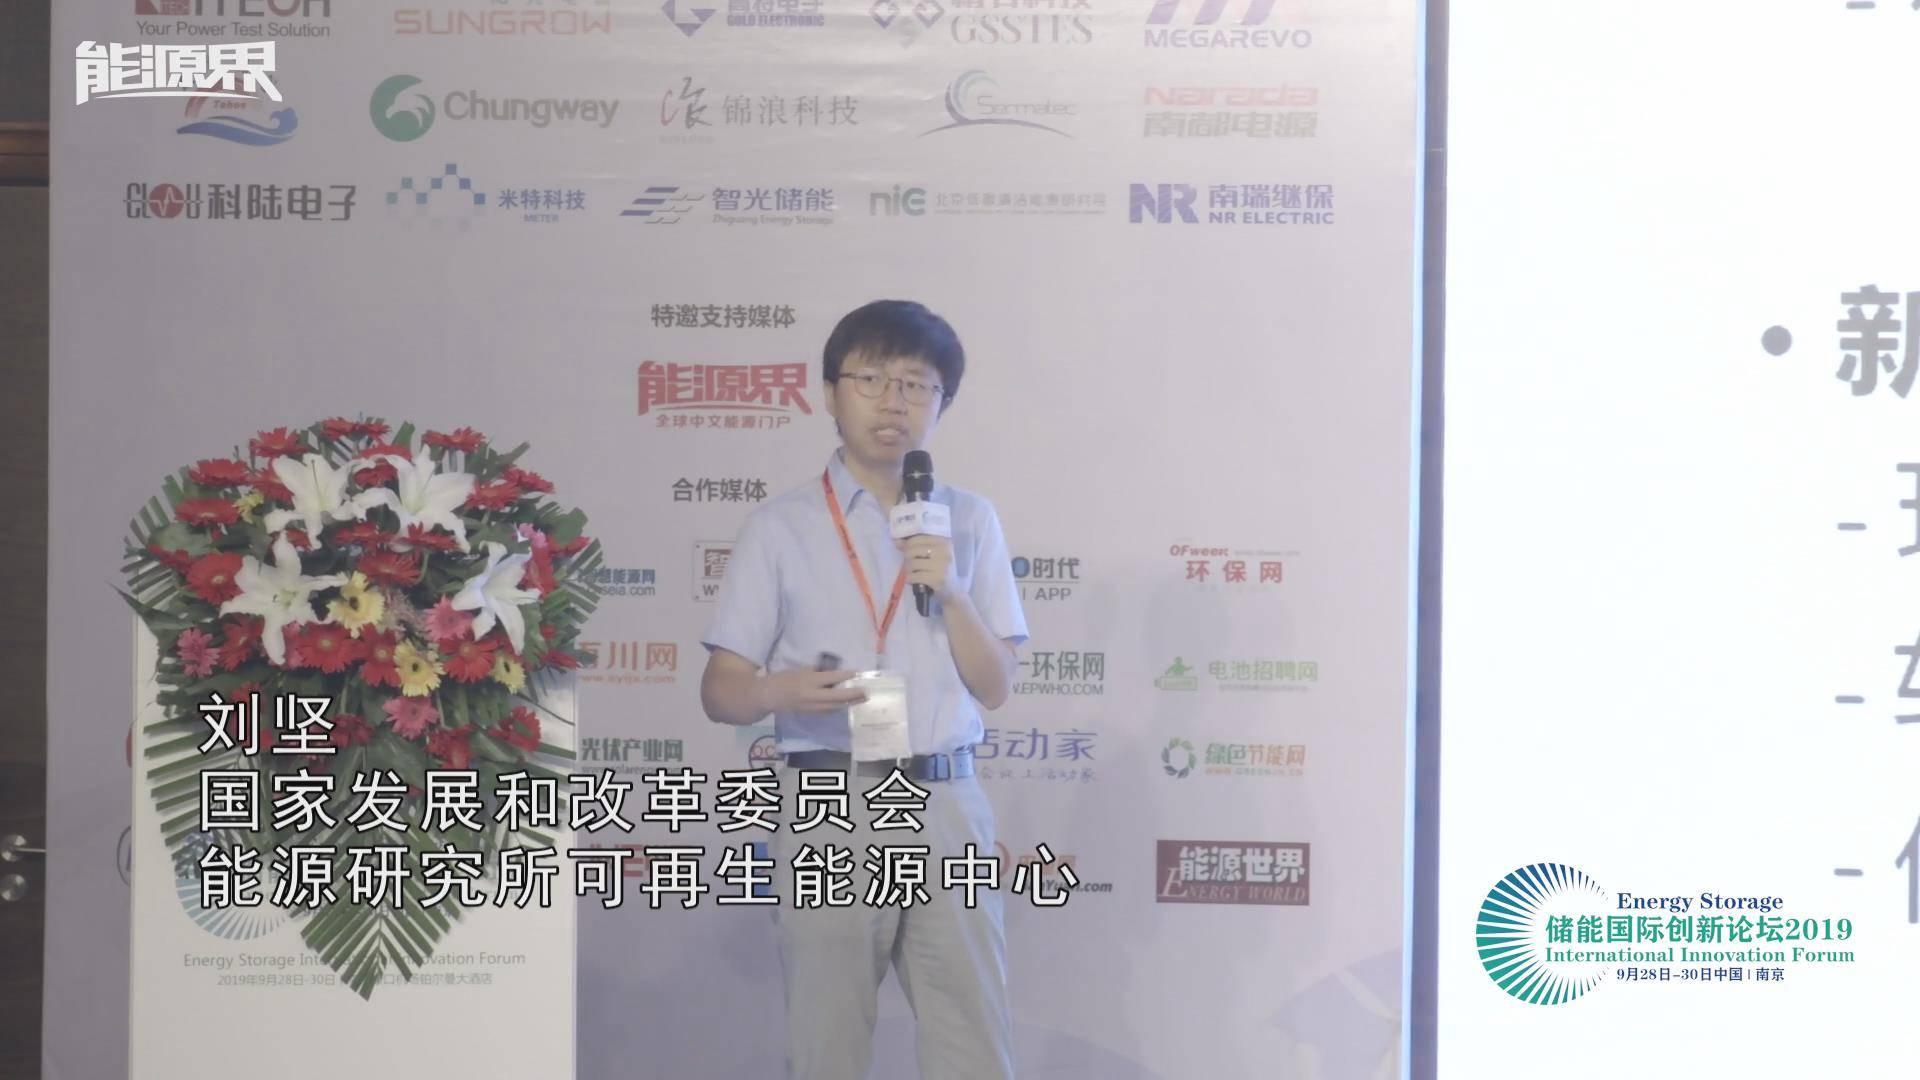 劉堅:高比例可再生能源與儲能應用前景